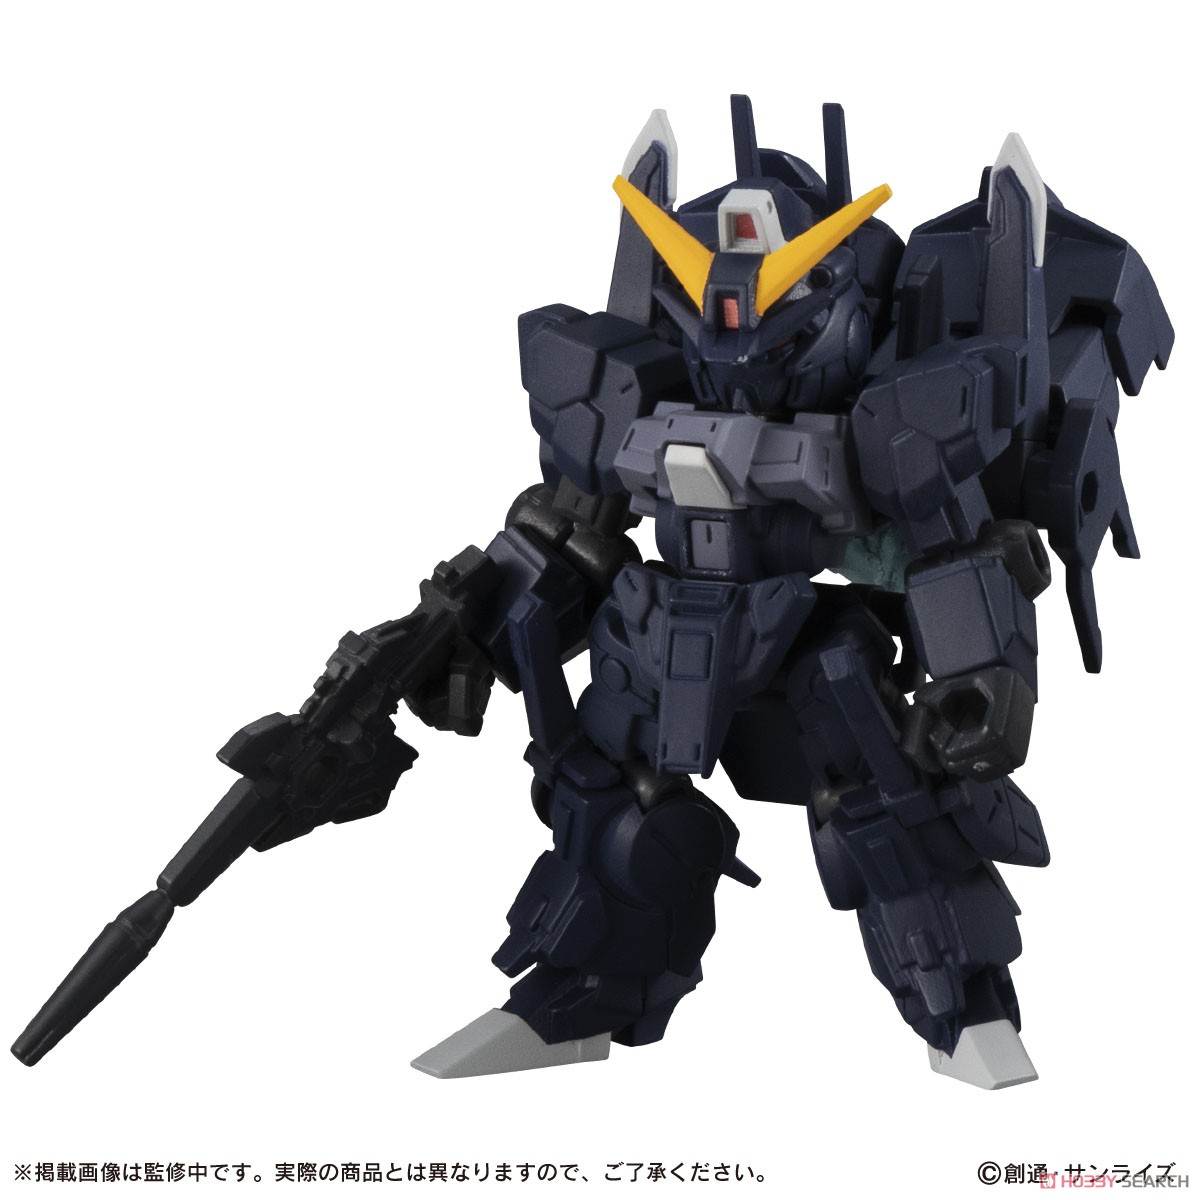 機動戦士ガンダム『MOBILE SUIT ENSEMBLE18』デフォルメ可動フィギュア 10個入りBOX-002